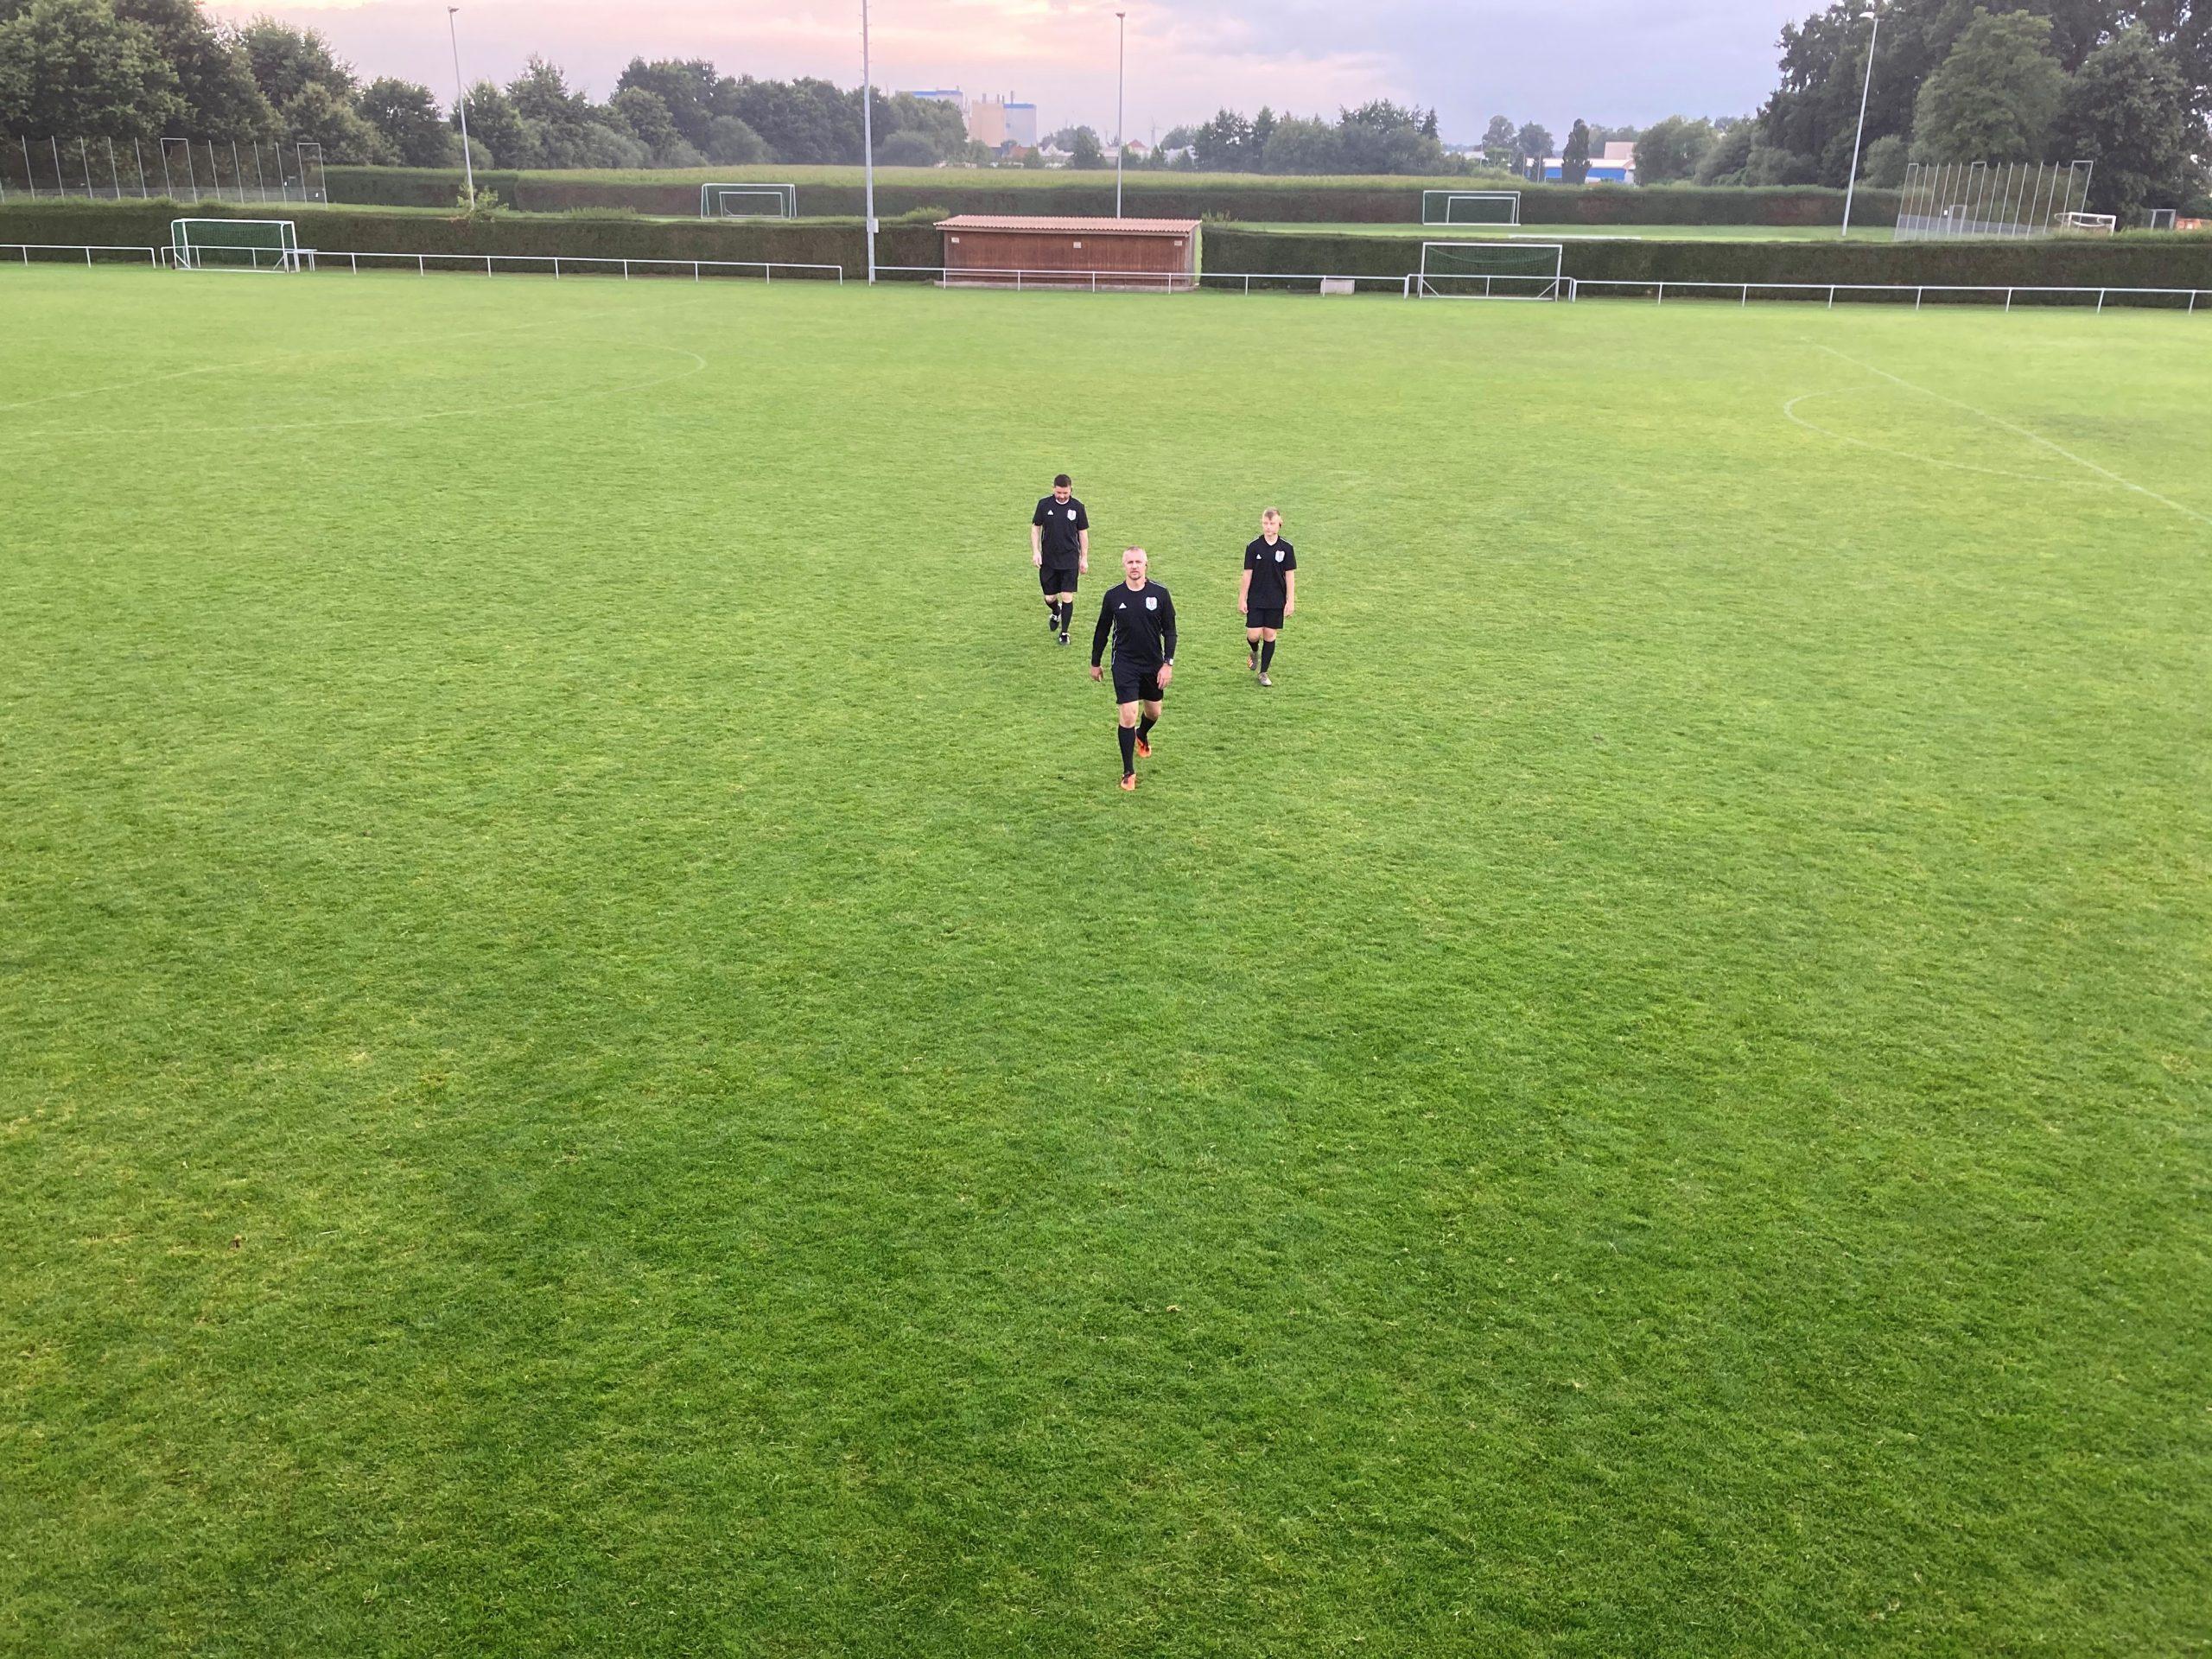 axel-funke-fußball-schiedsrichter-Fußball-kommuniziert-mit-dem-Funksystem-von-AXIWI